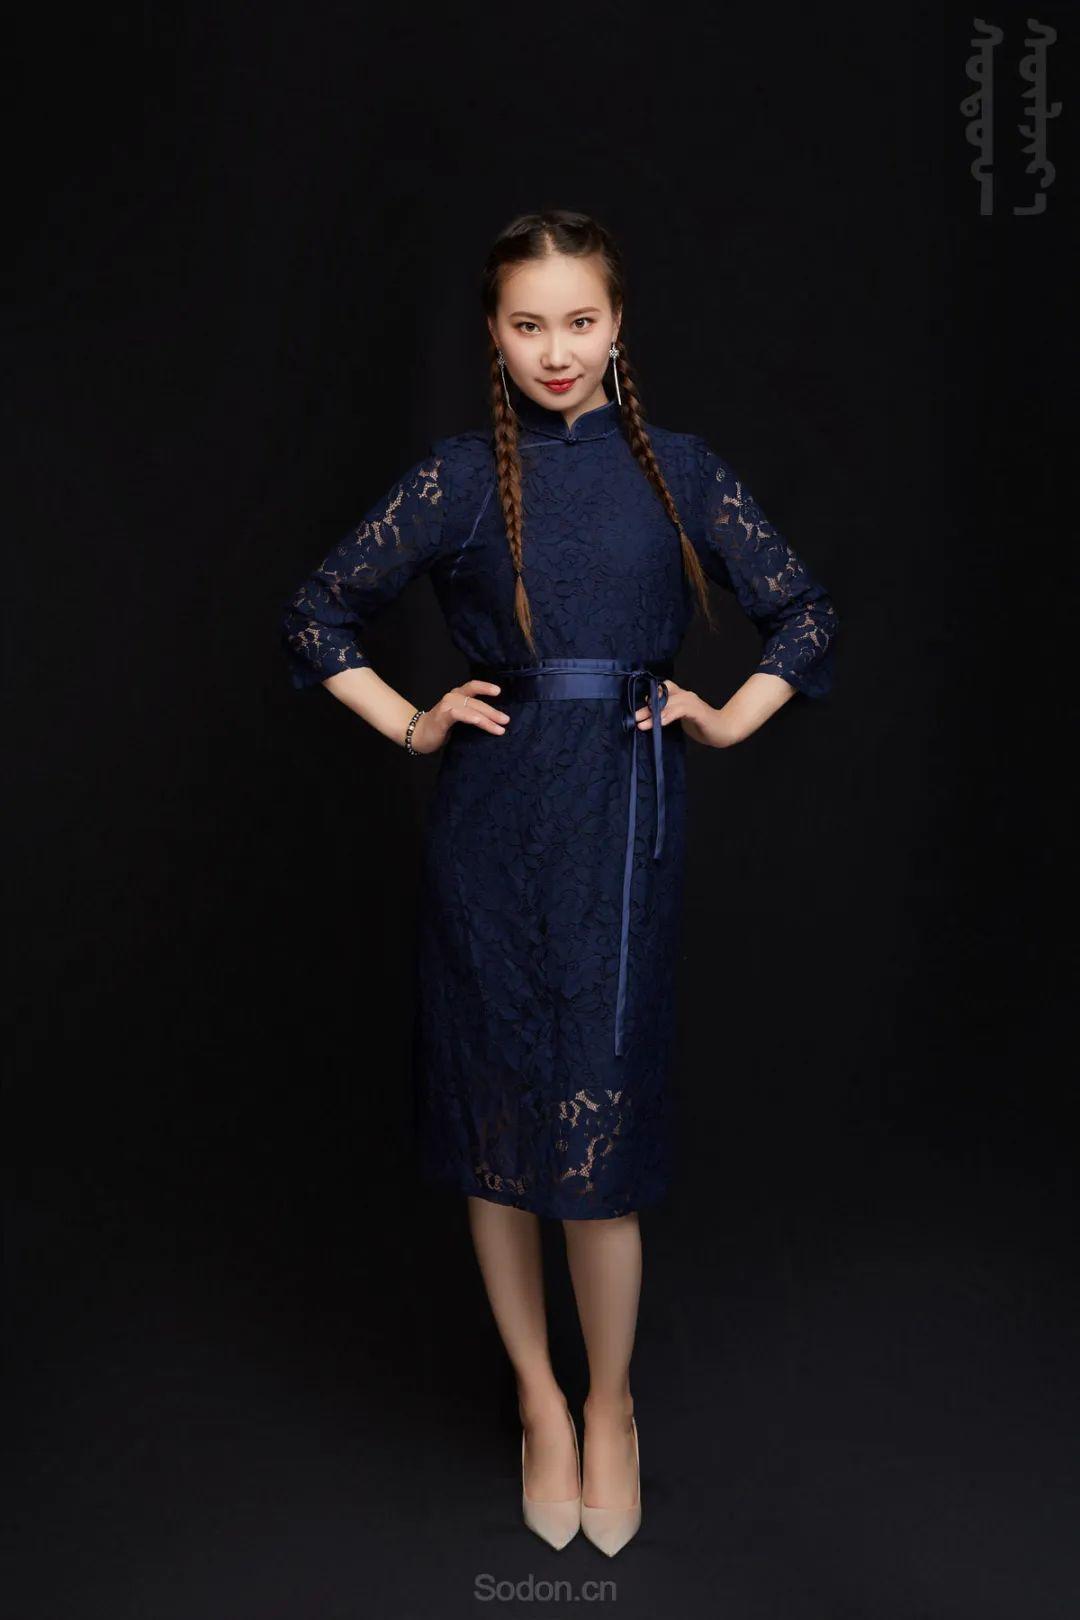 DOMOG蒙古时装2020新款夏季连衣裙首发,618钜惠七折! 第19张